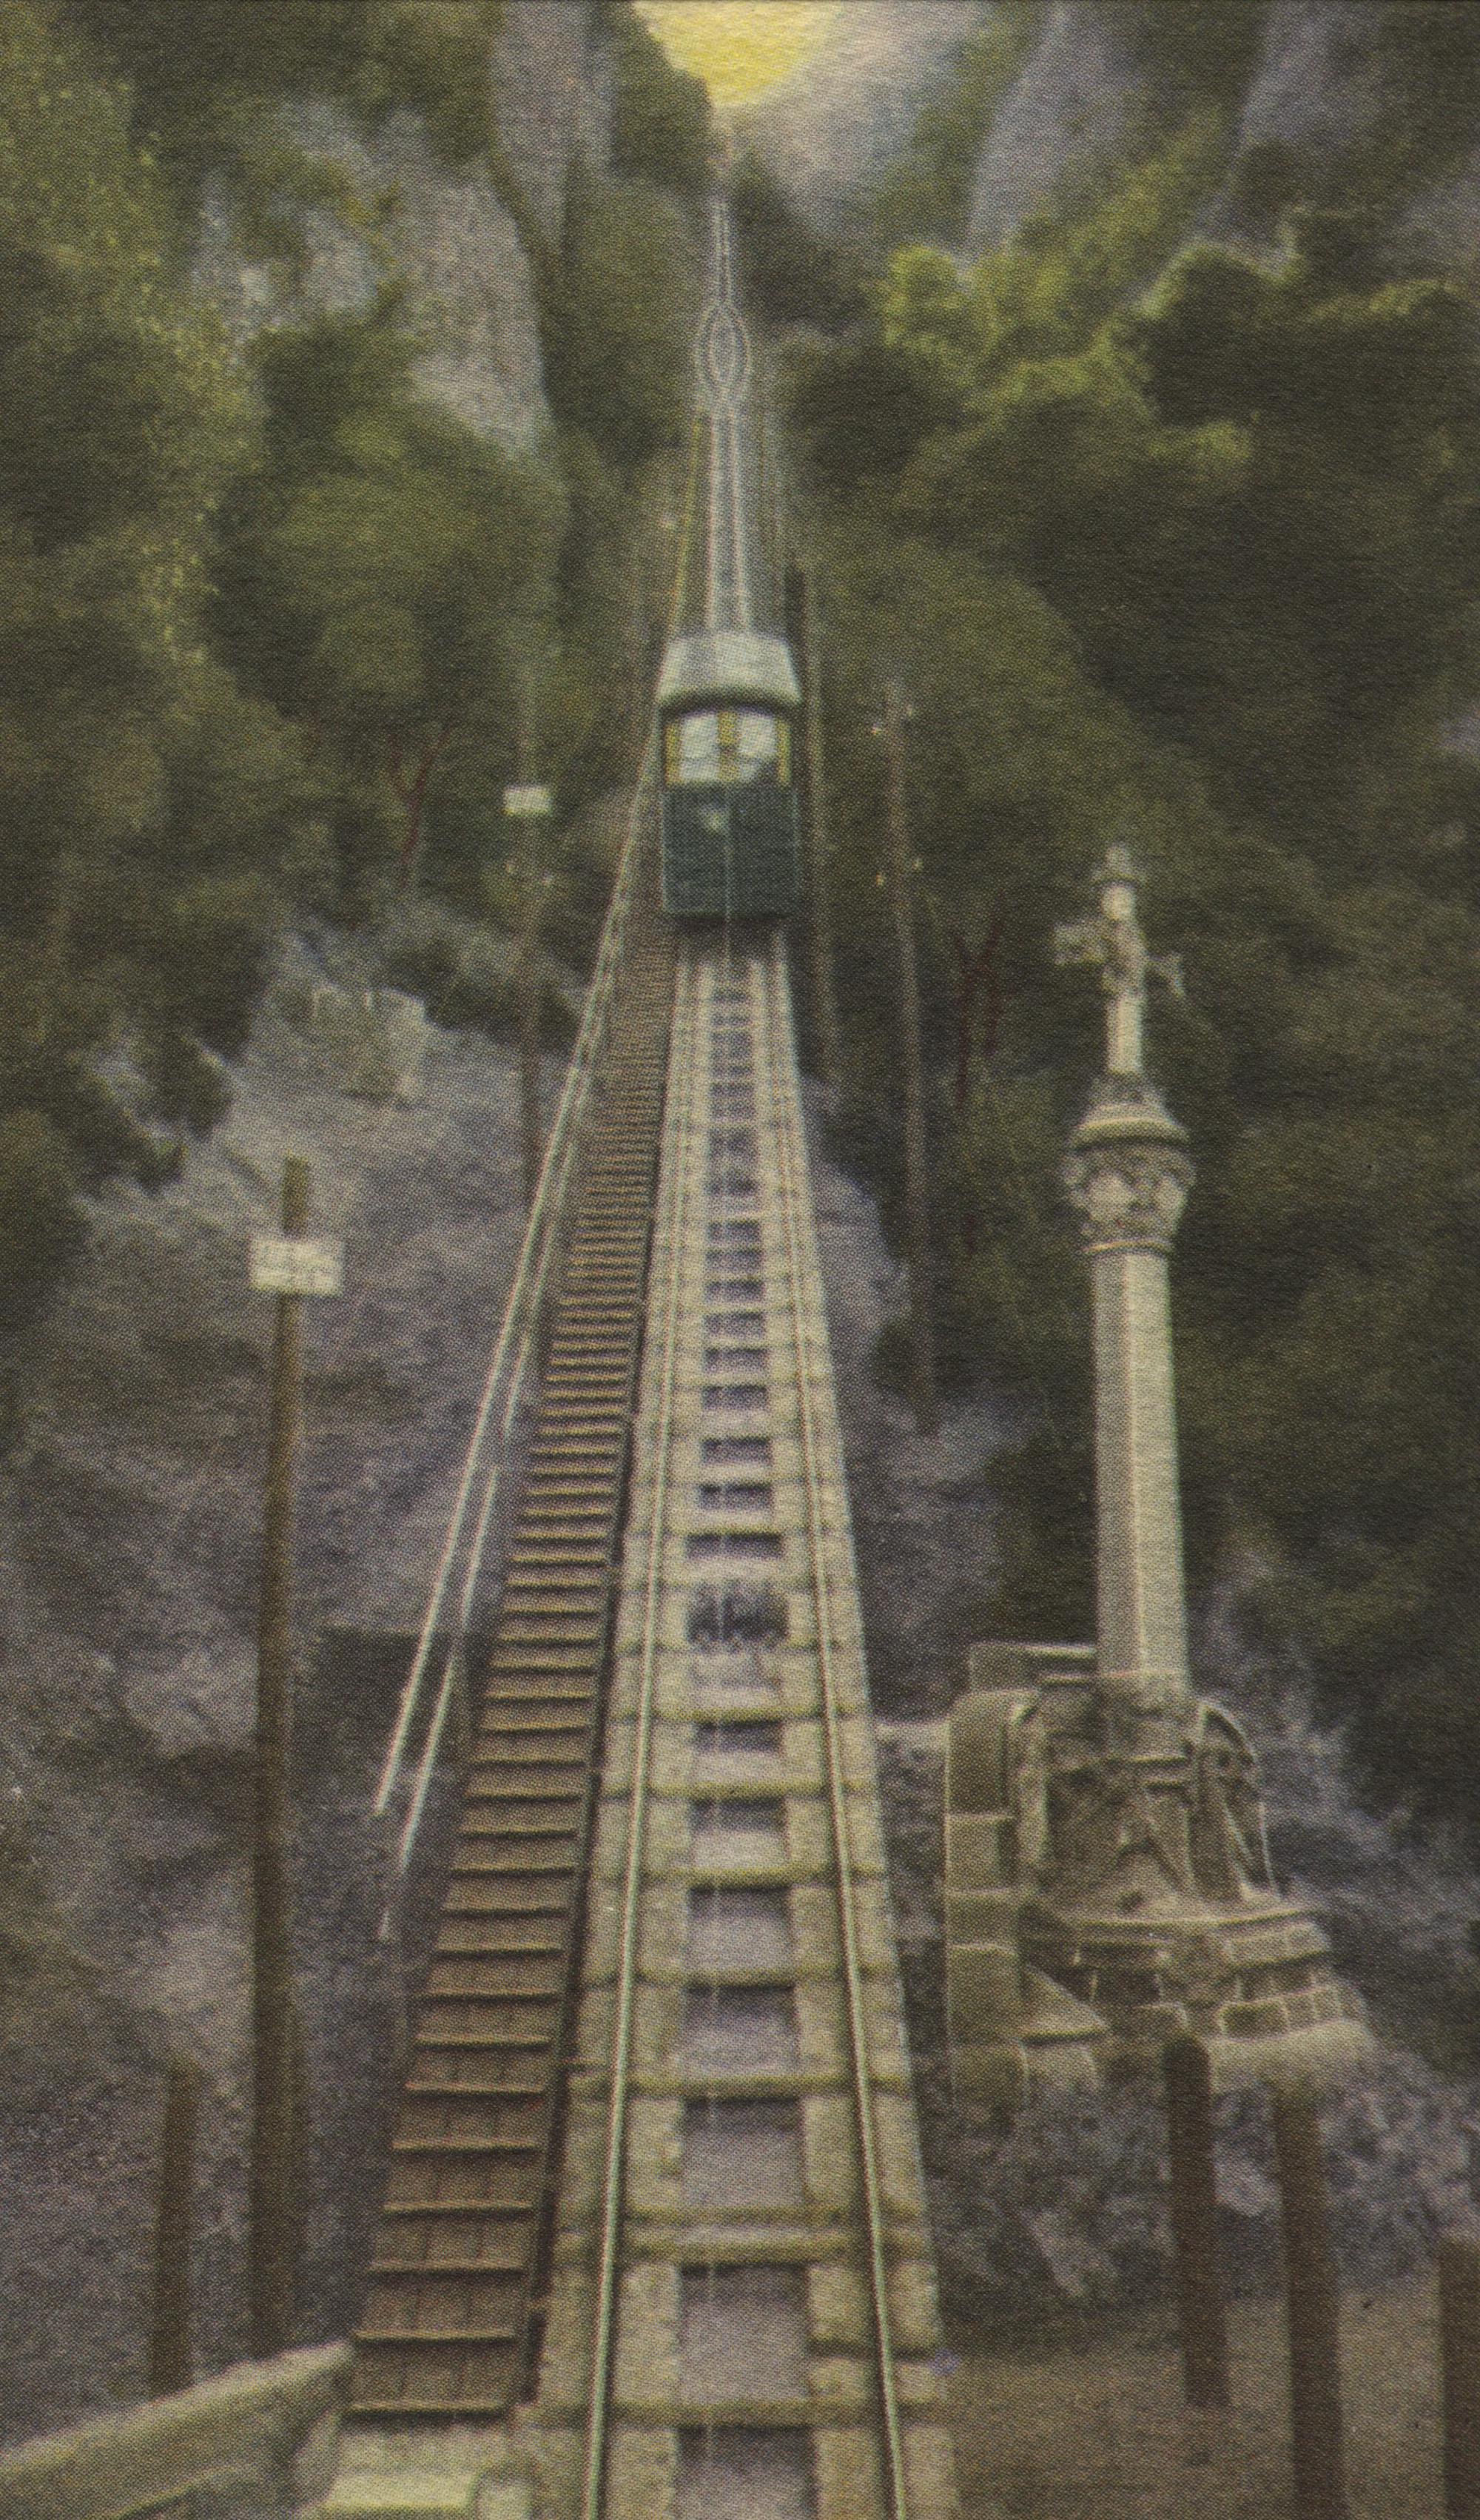 Montserrat album de postals 20101124120046496 girada girada